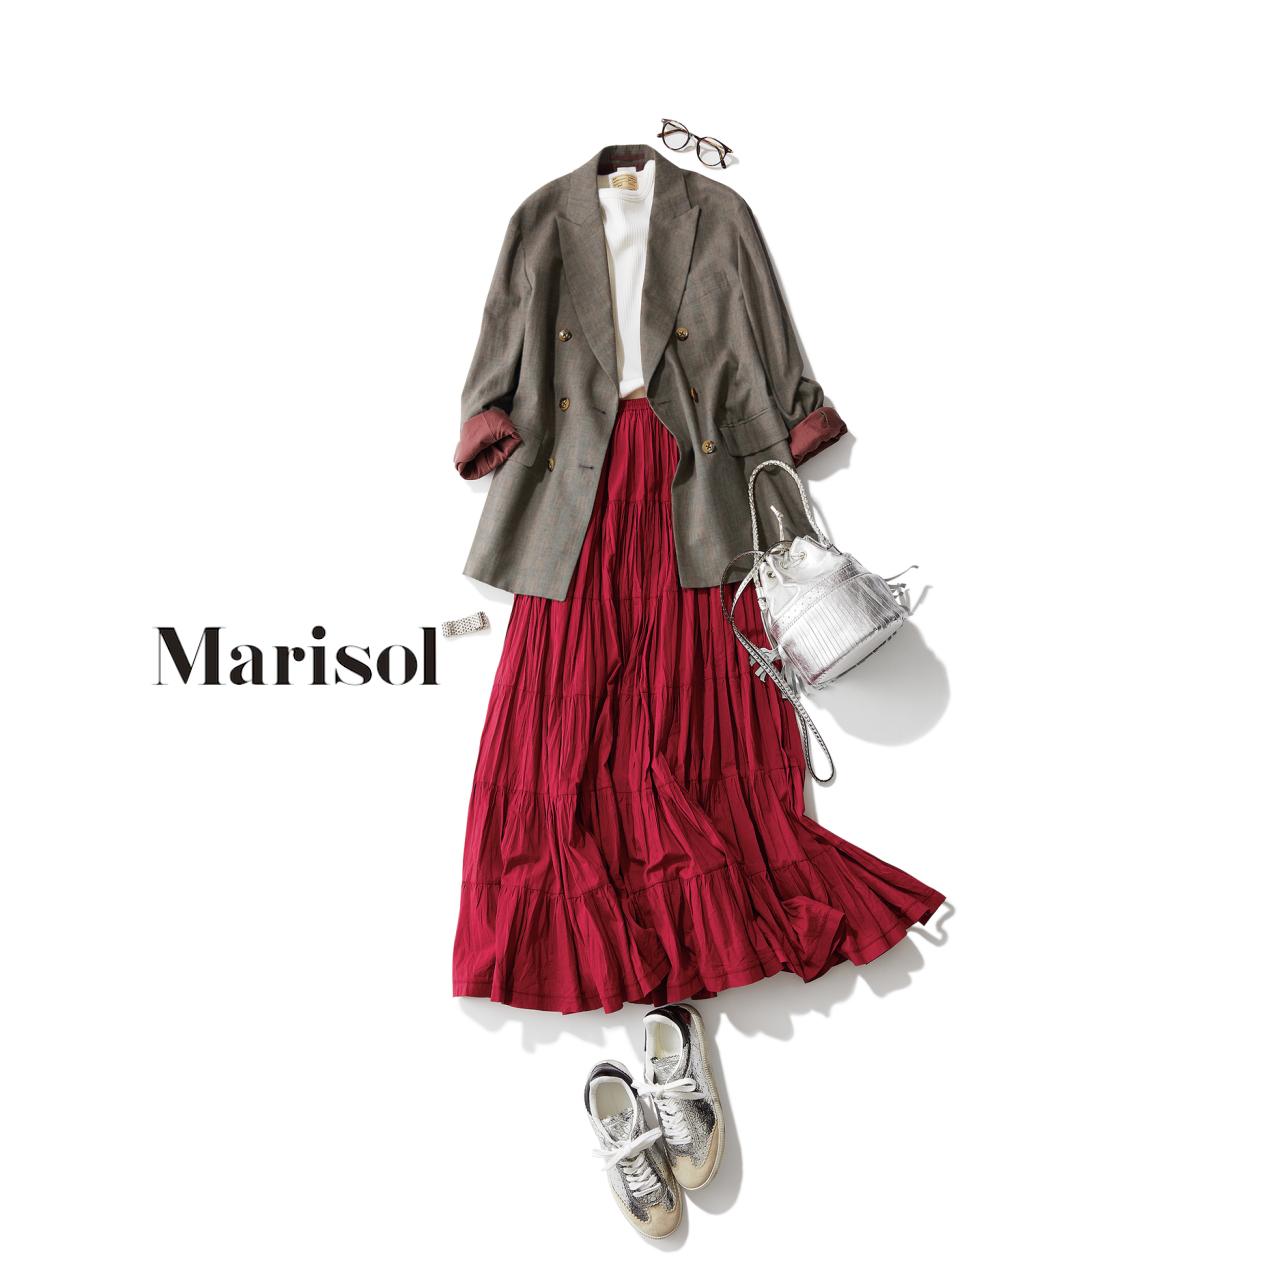 ジャケット×赤スカートコーデ